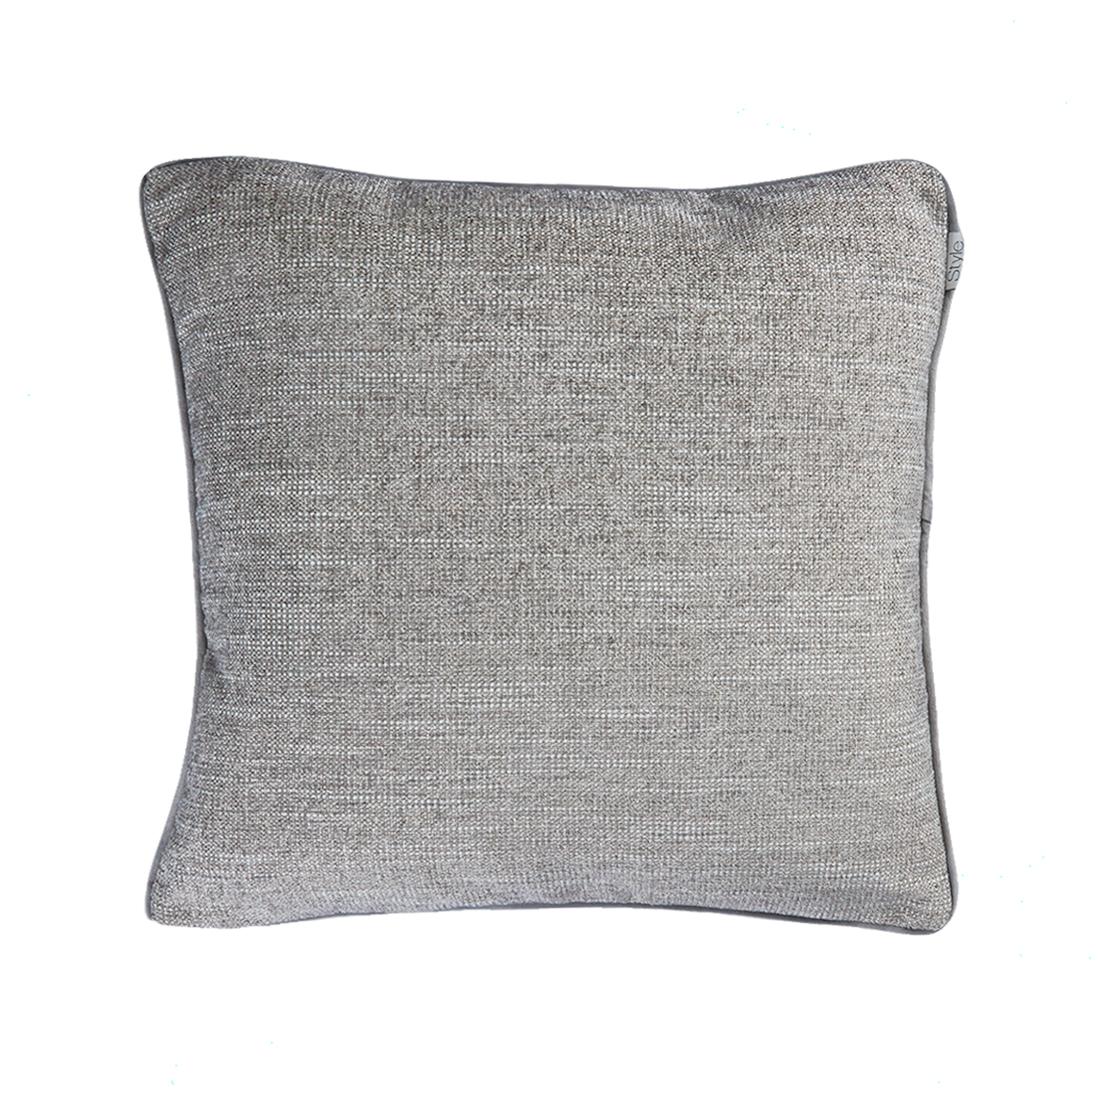 Polaris Silver Cushion